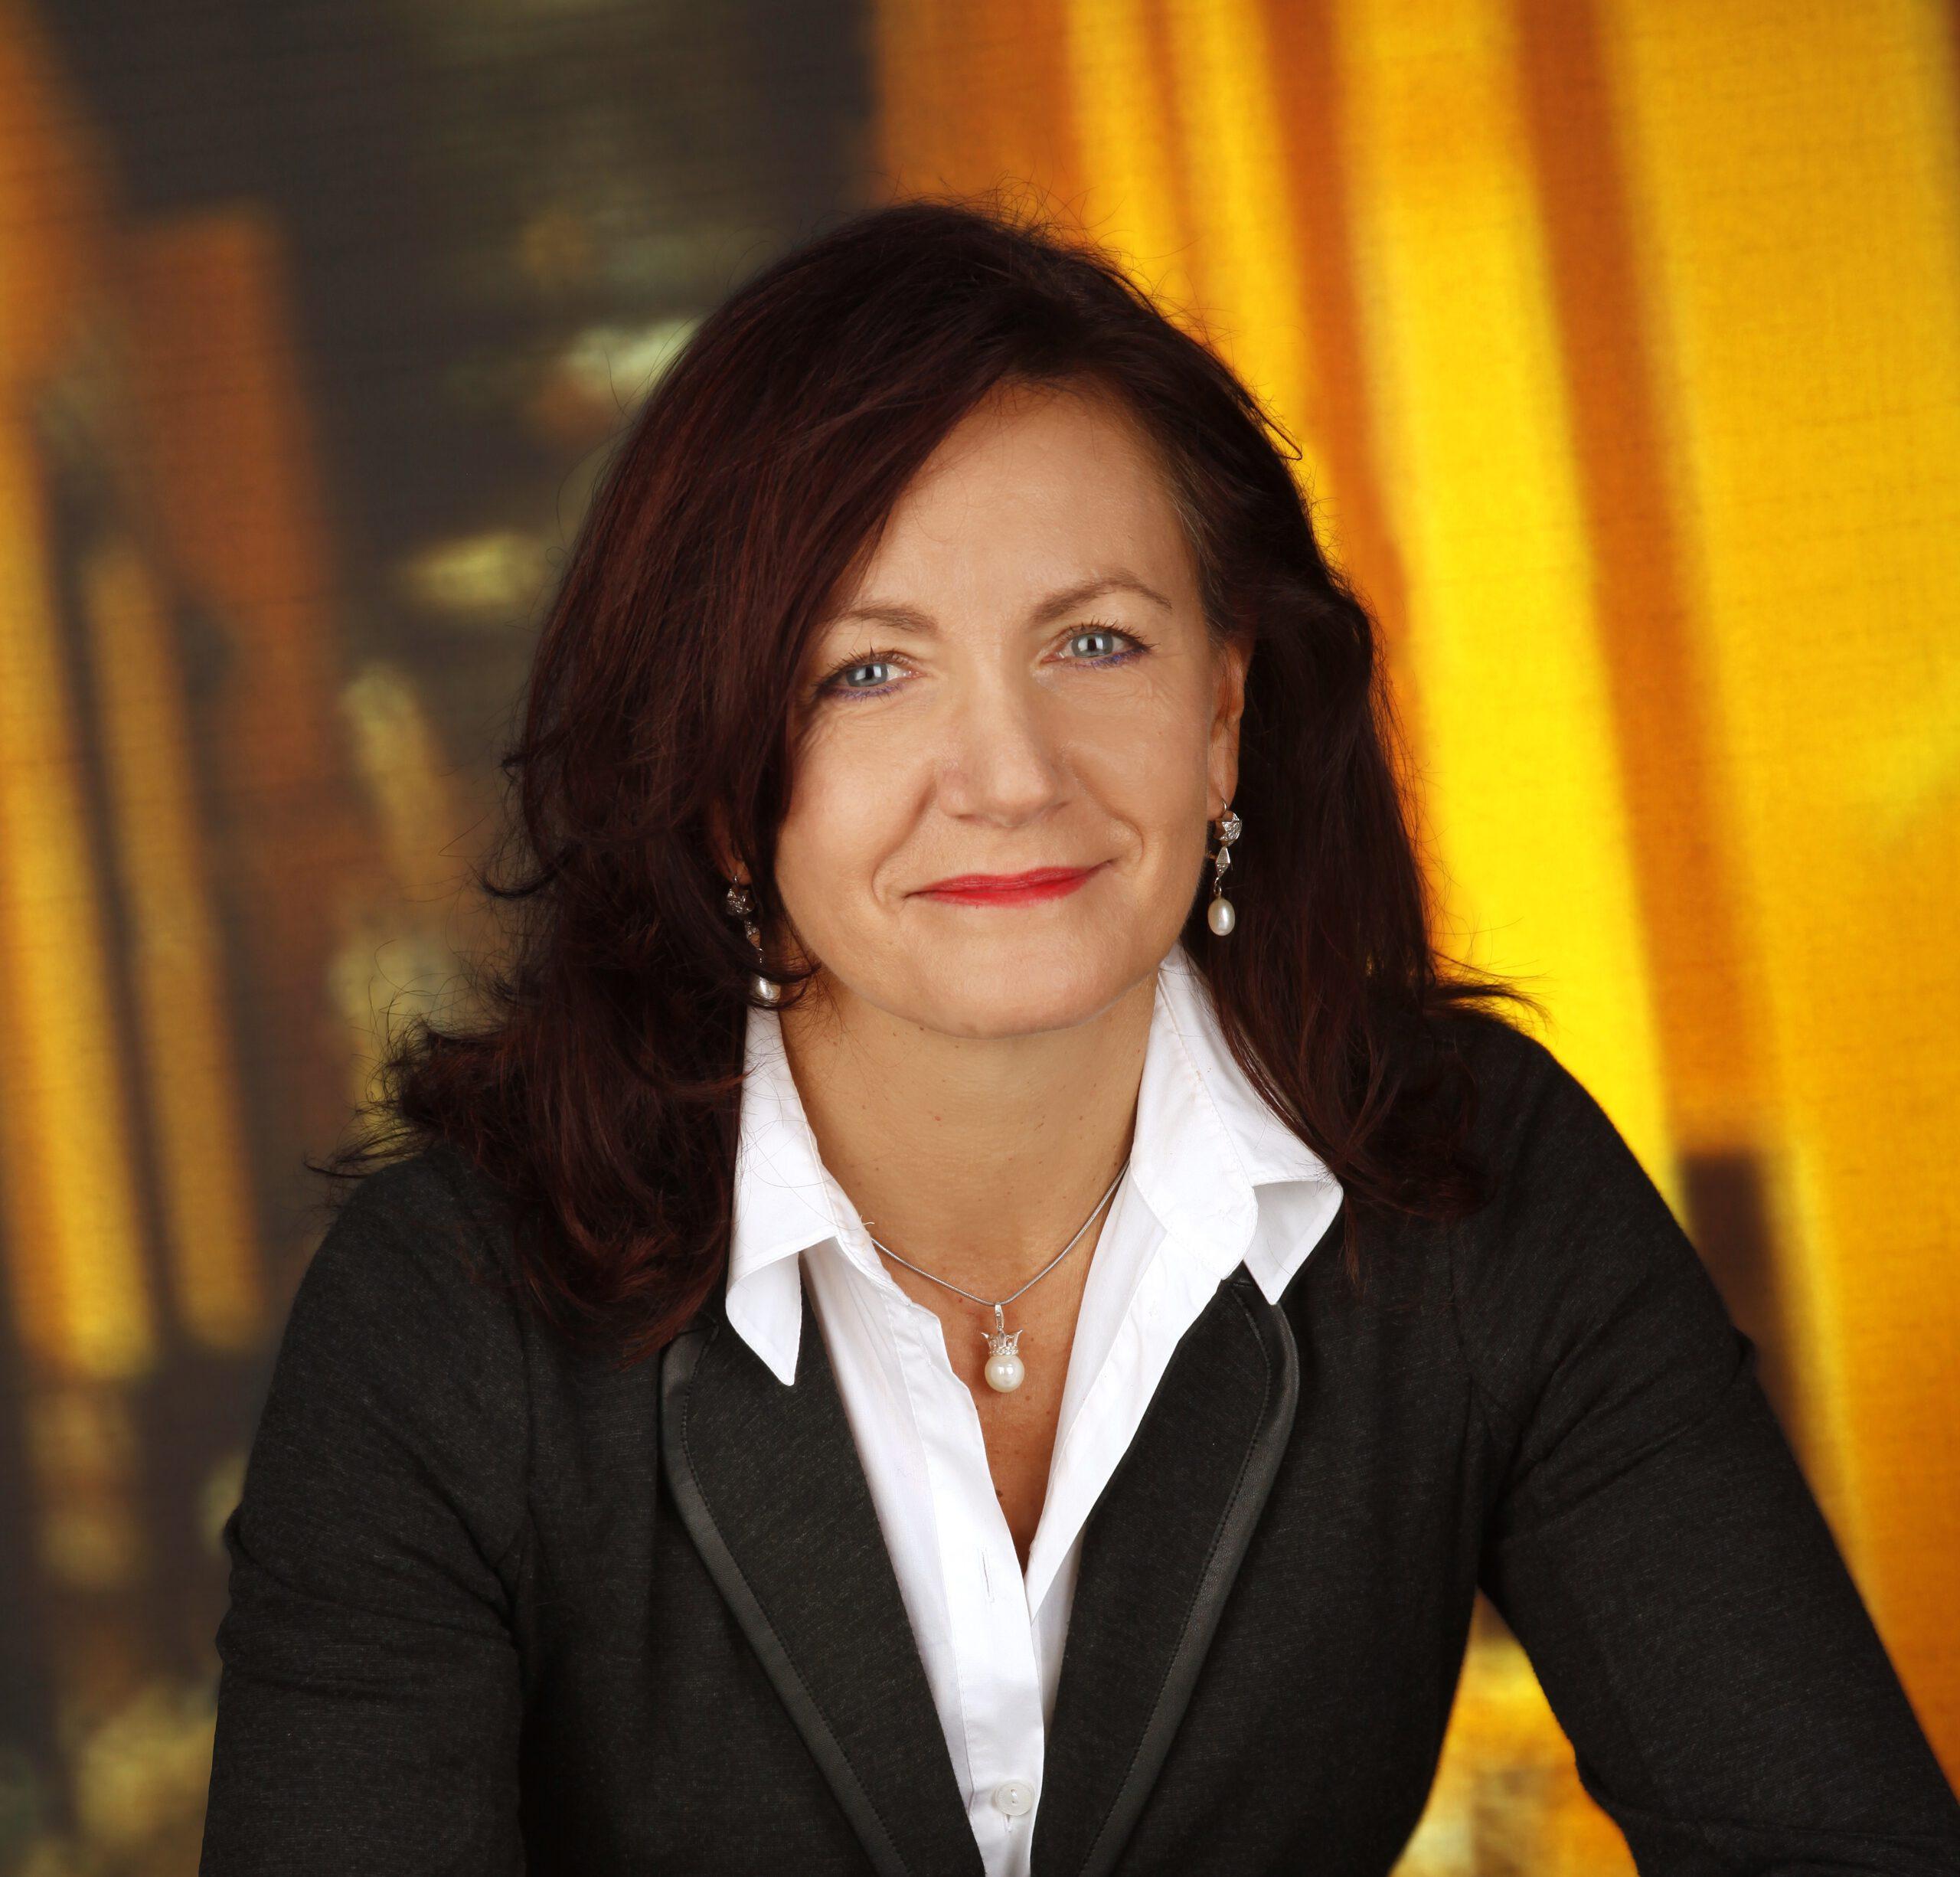 Gabriele Winkler